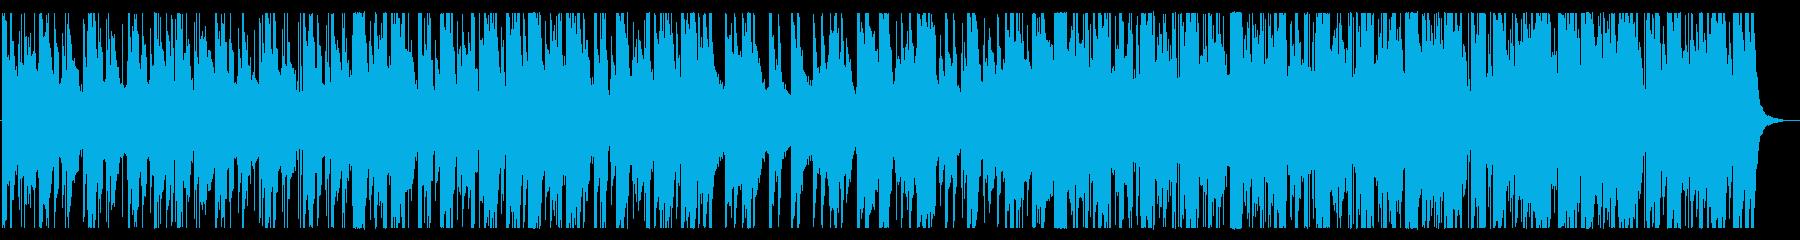 ピアノ/シンプル/R&B_No443_3の再生済みの波形